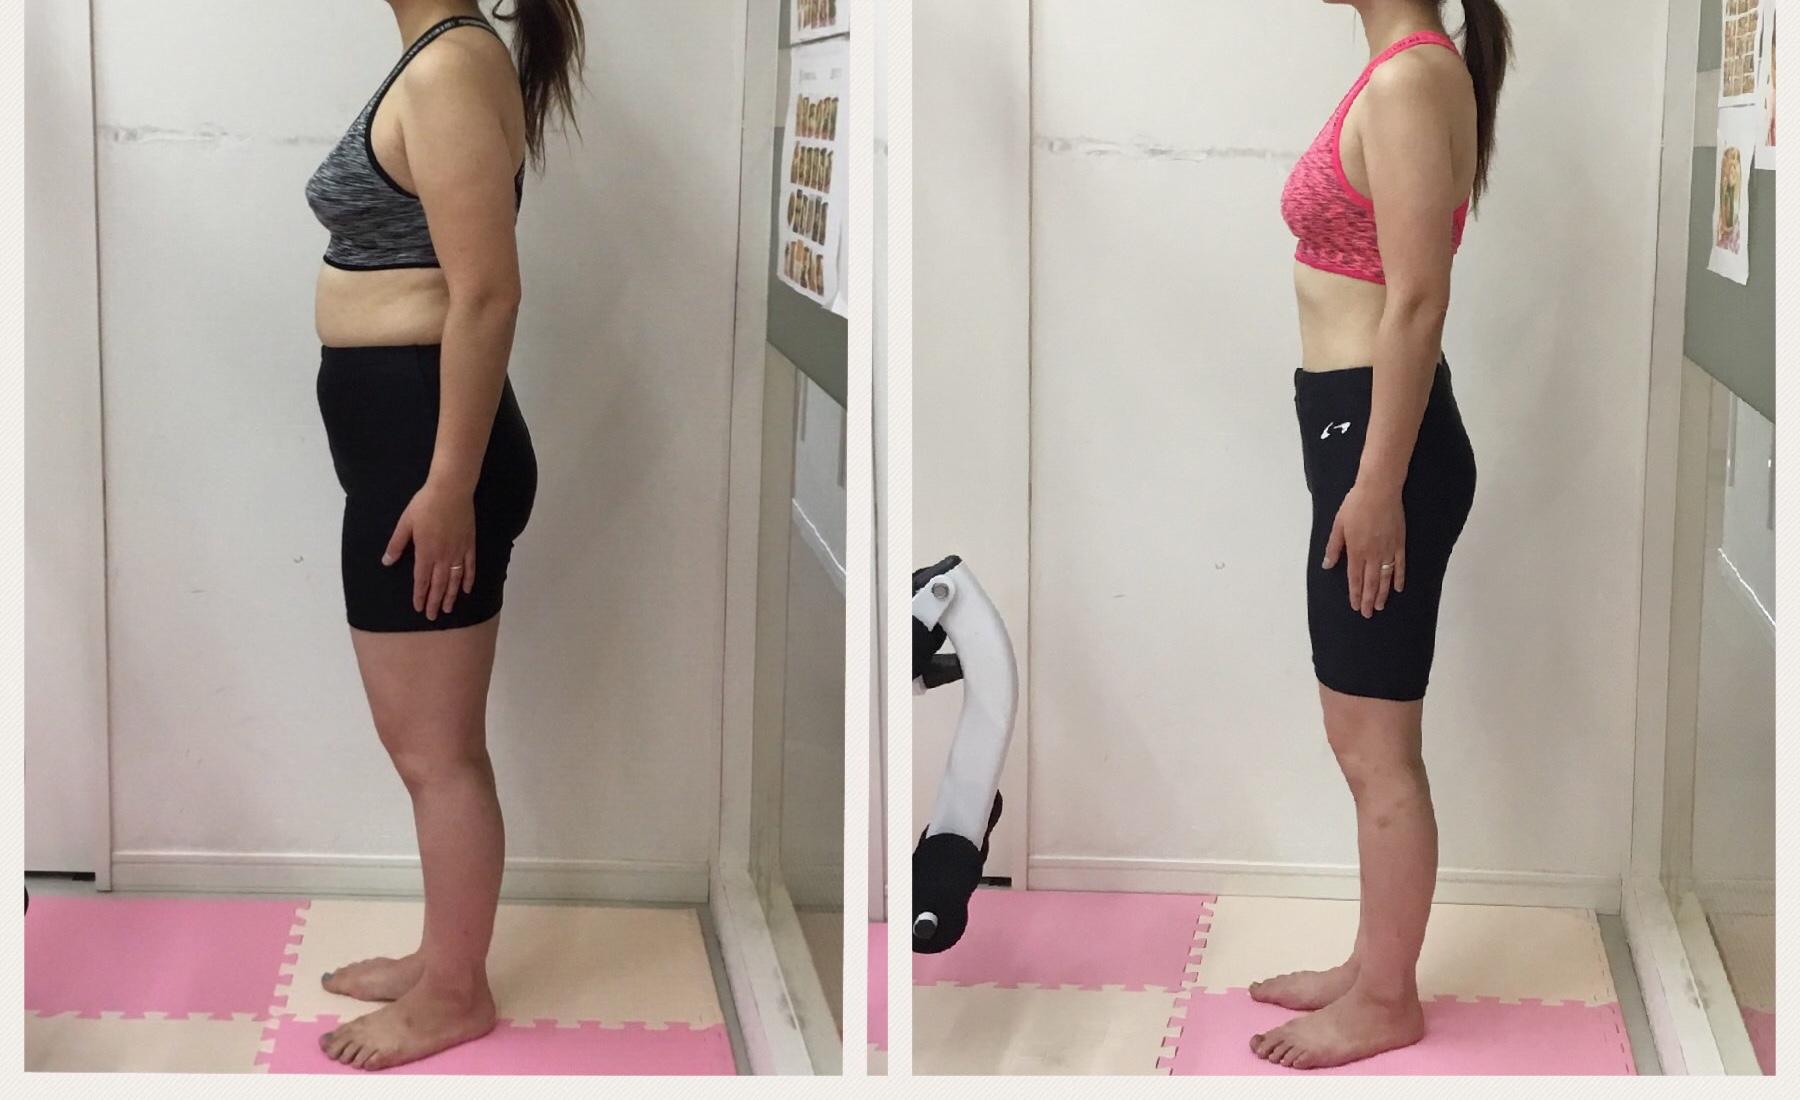 産後ダイエットで、3ヵ月ウエスト-20センチ更新中